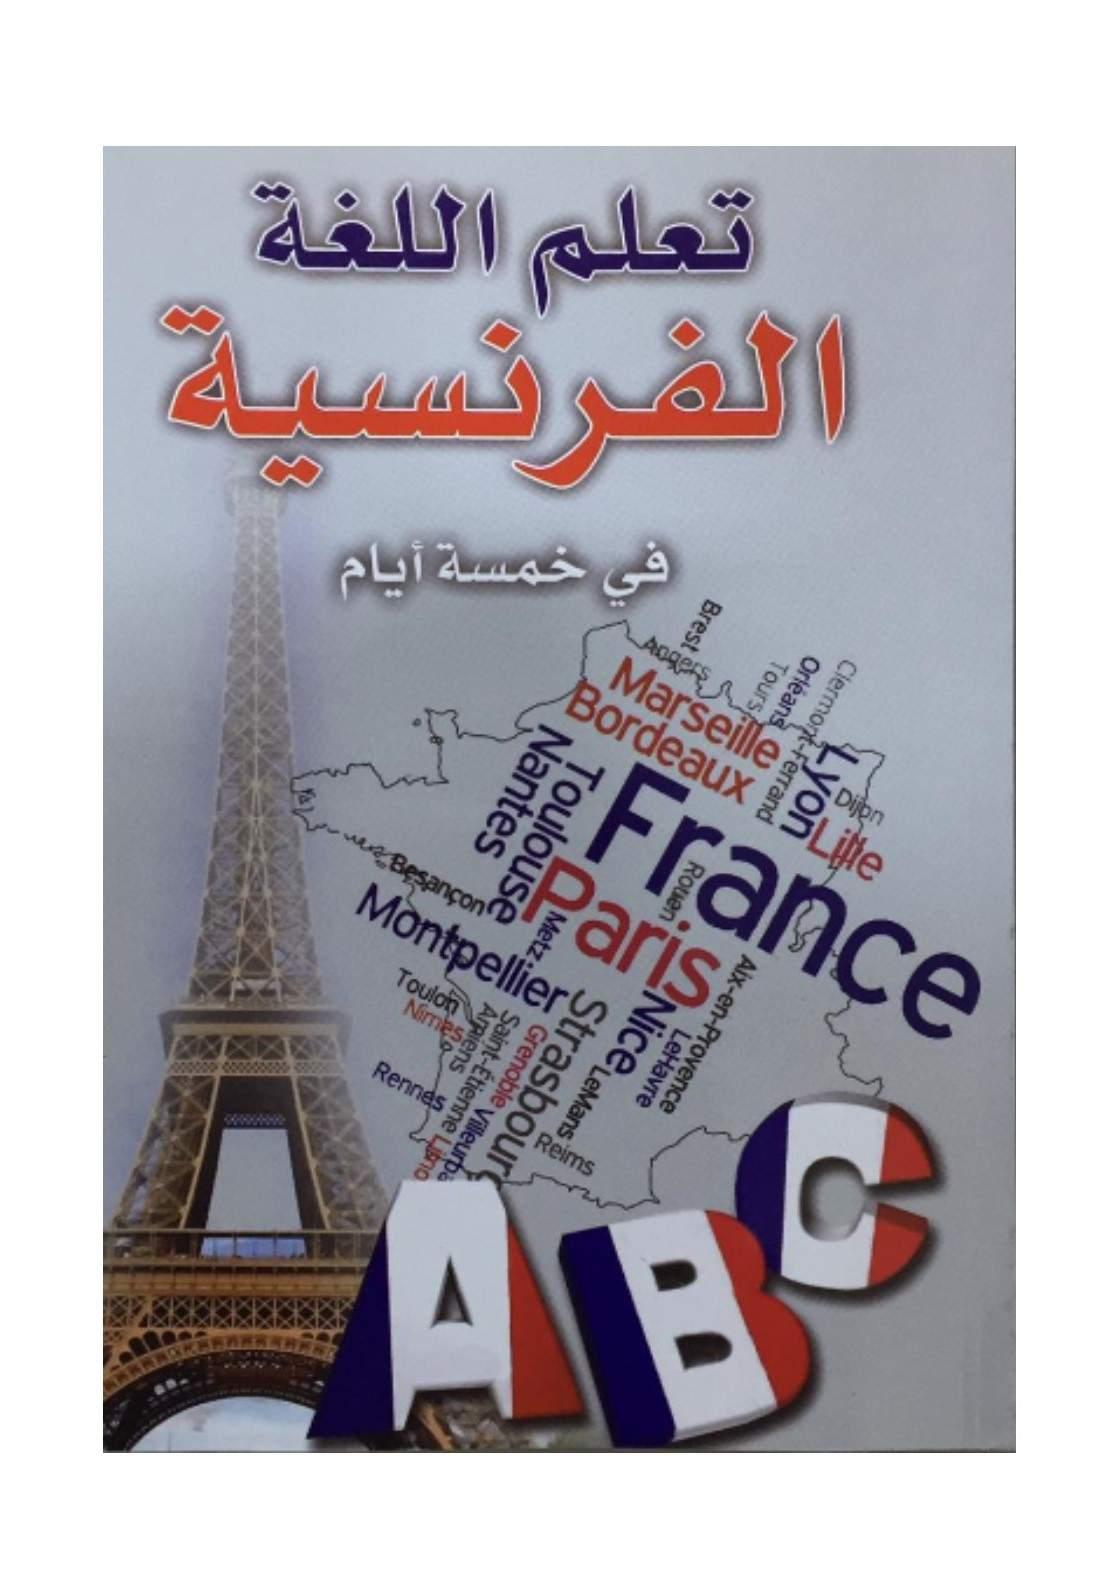 تعلم اللغة الفرنسية في خمسة ايام